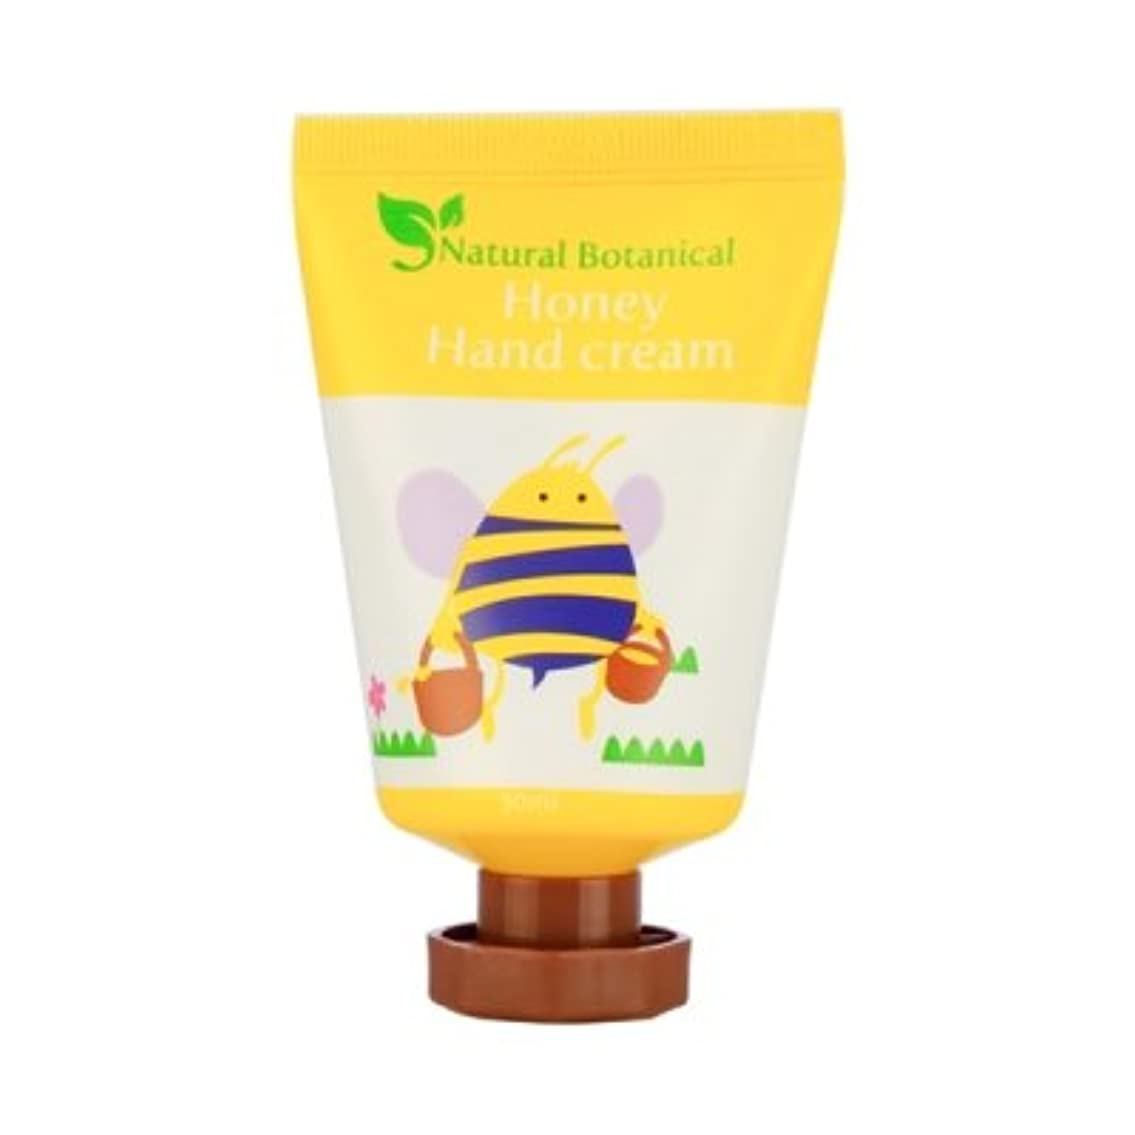 ガラガラ隣接する天皇ハヌルホス ハニーハンドクリーム 30ml / Skylake Natural Botanical Honey Hand Cream 30ml [並行輸入品]